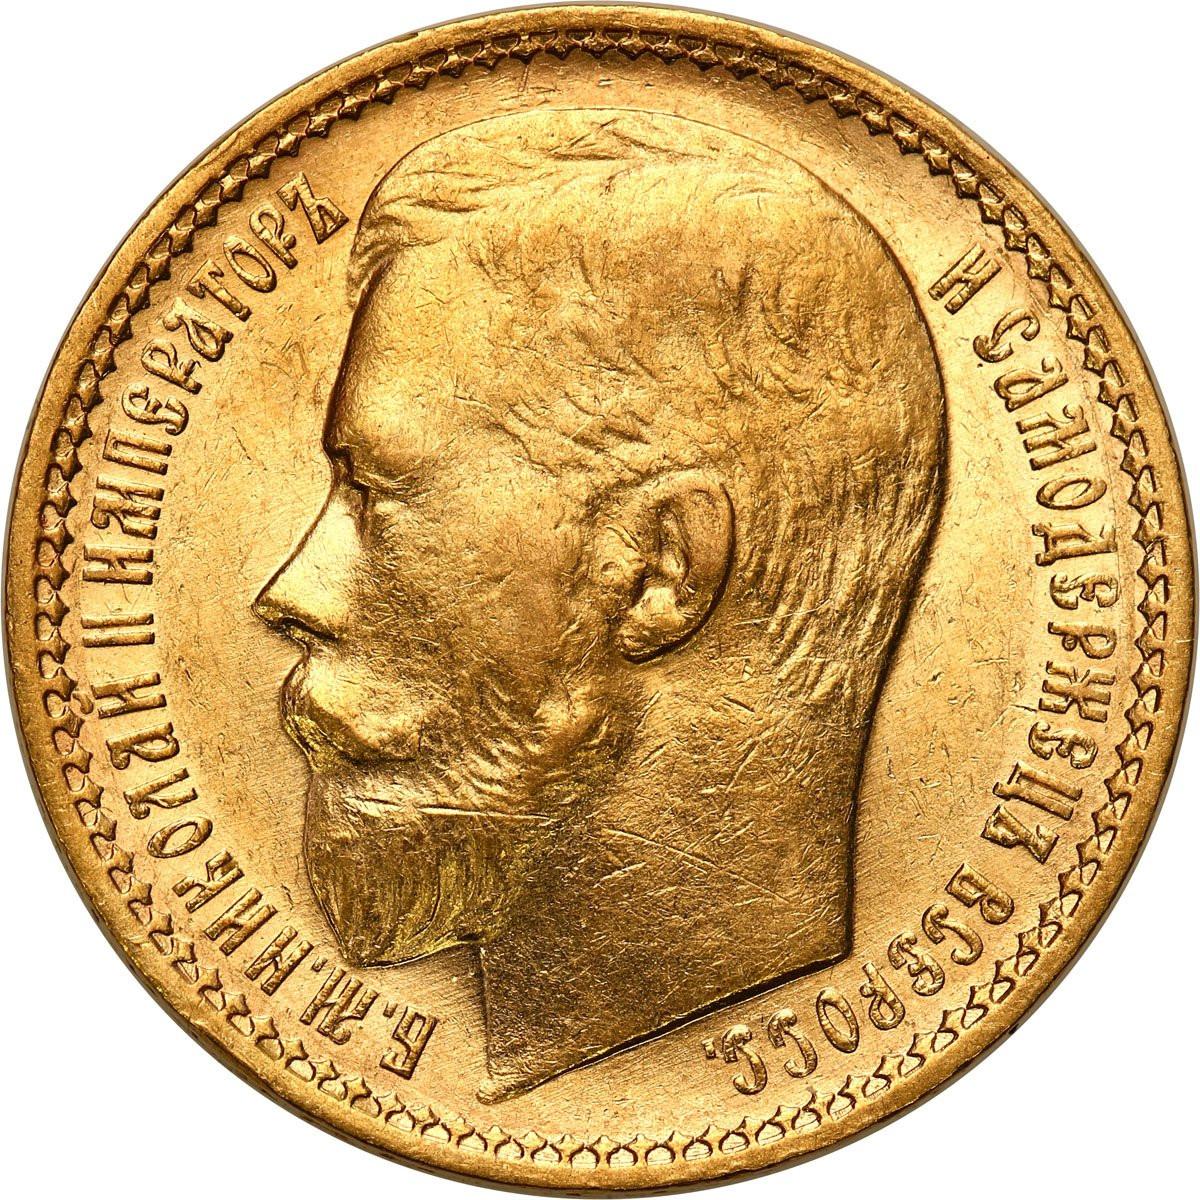 Rosja. Mikołaj II. 15 rubli 1897, Petersburg, typ II